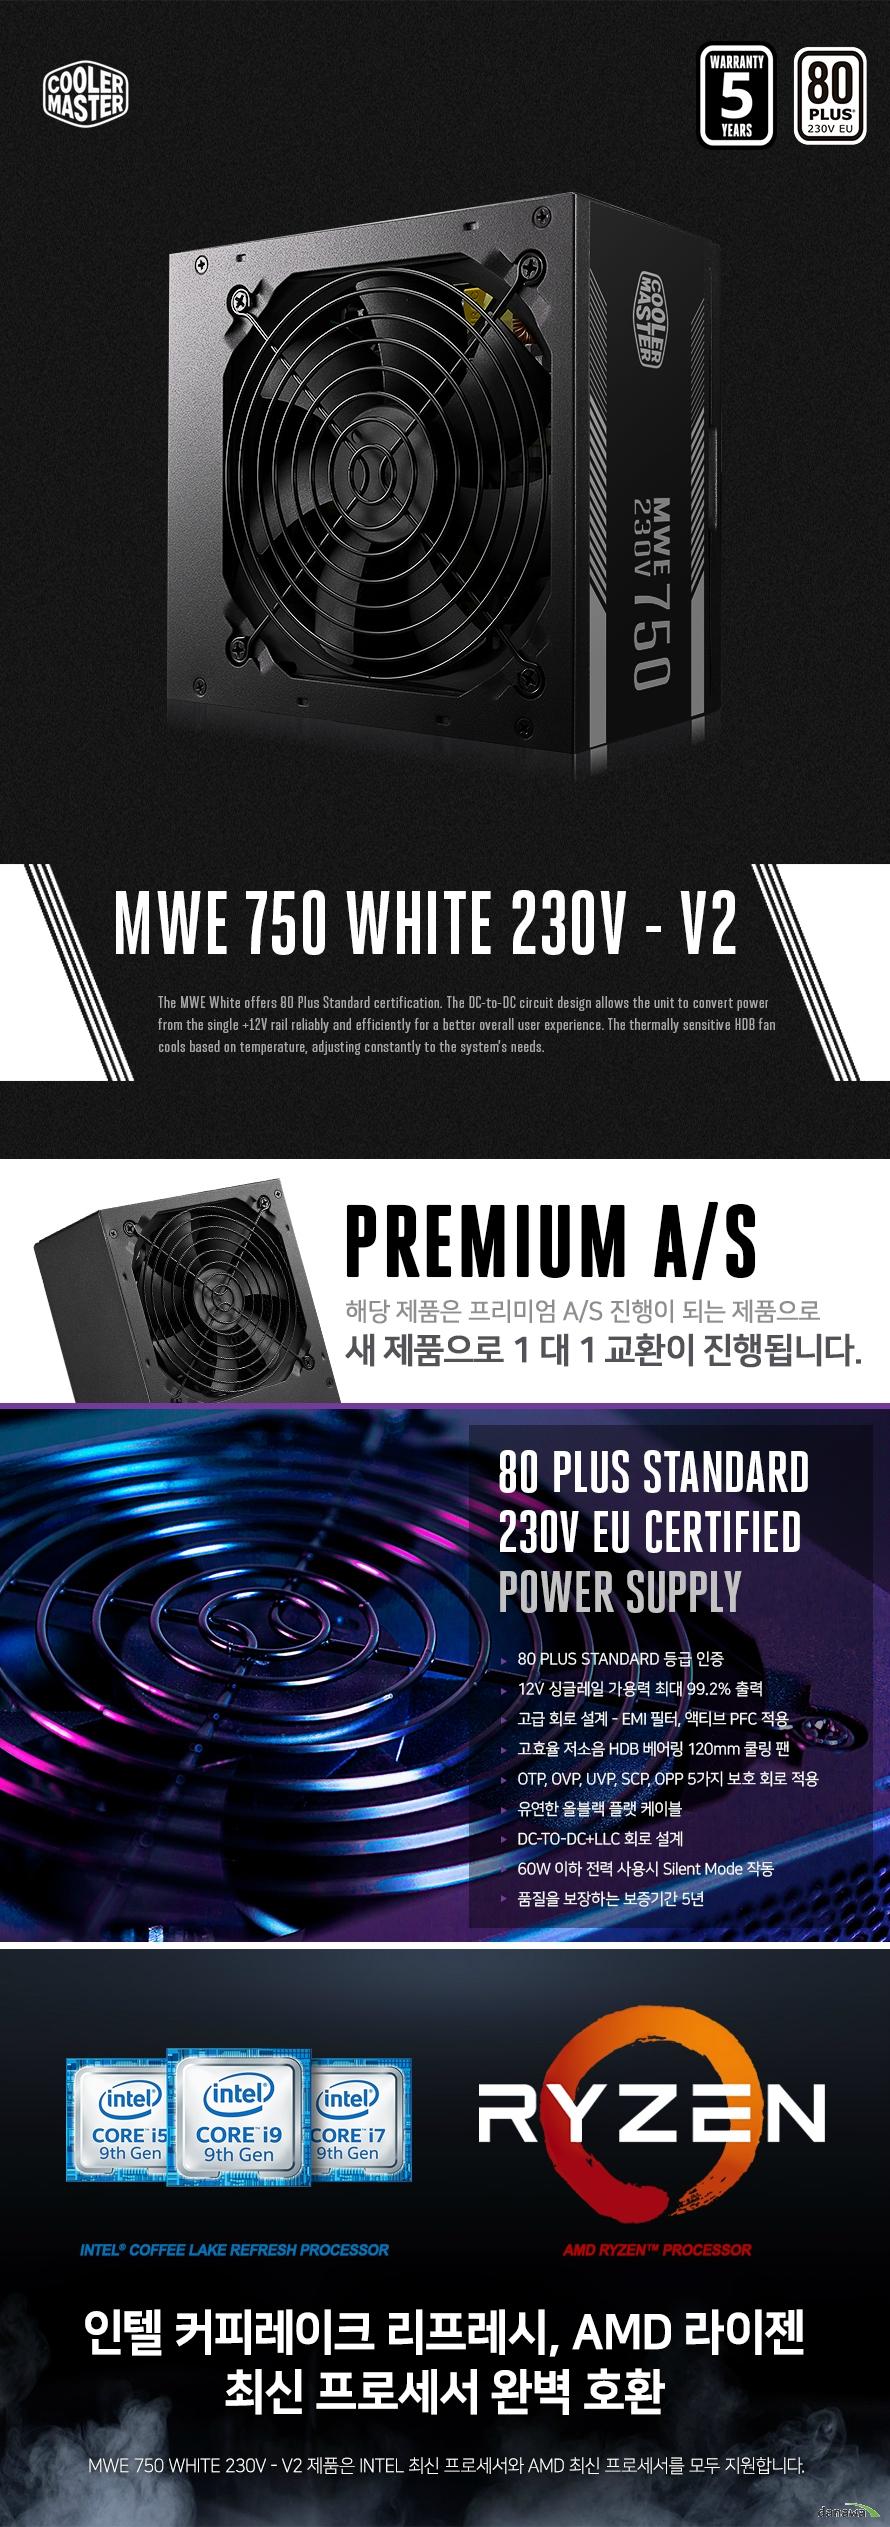 쿨러마스터 MWE 750 WHITE 230V V2